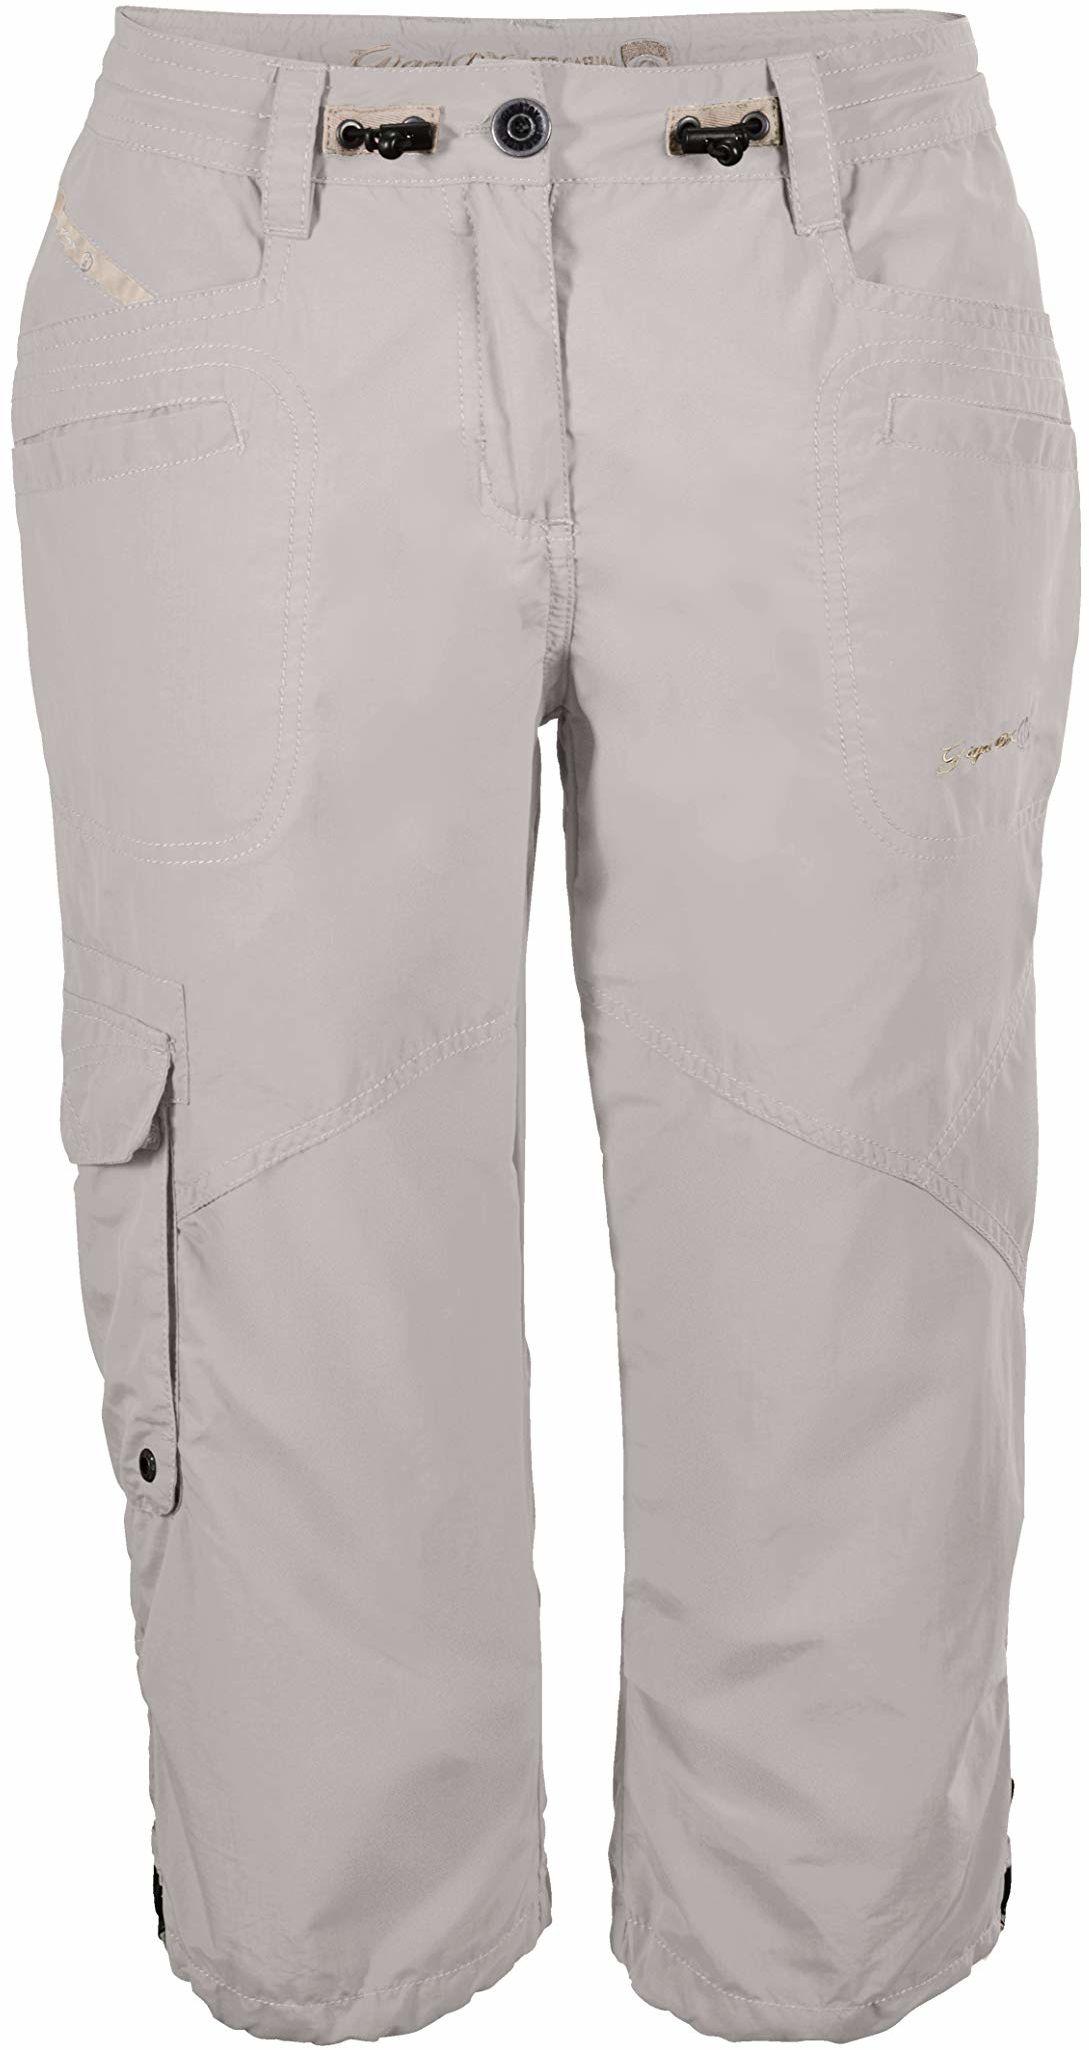 G.I.G.A. DX damskie spodnie typu Capri, 3/4 spodnie cargo na lato, regulowana szerokość w talii, białe, 46